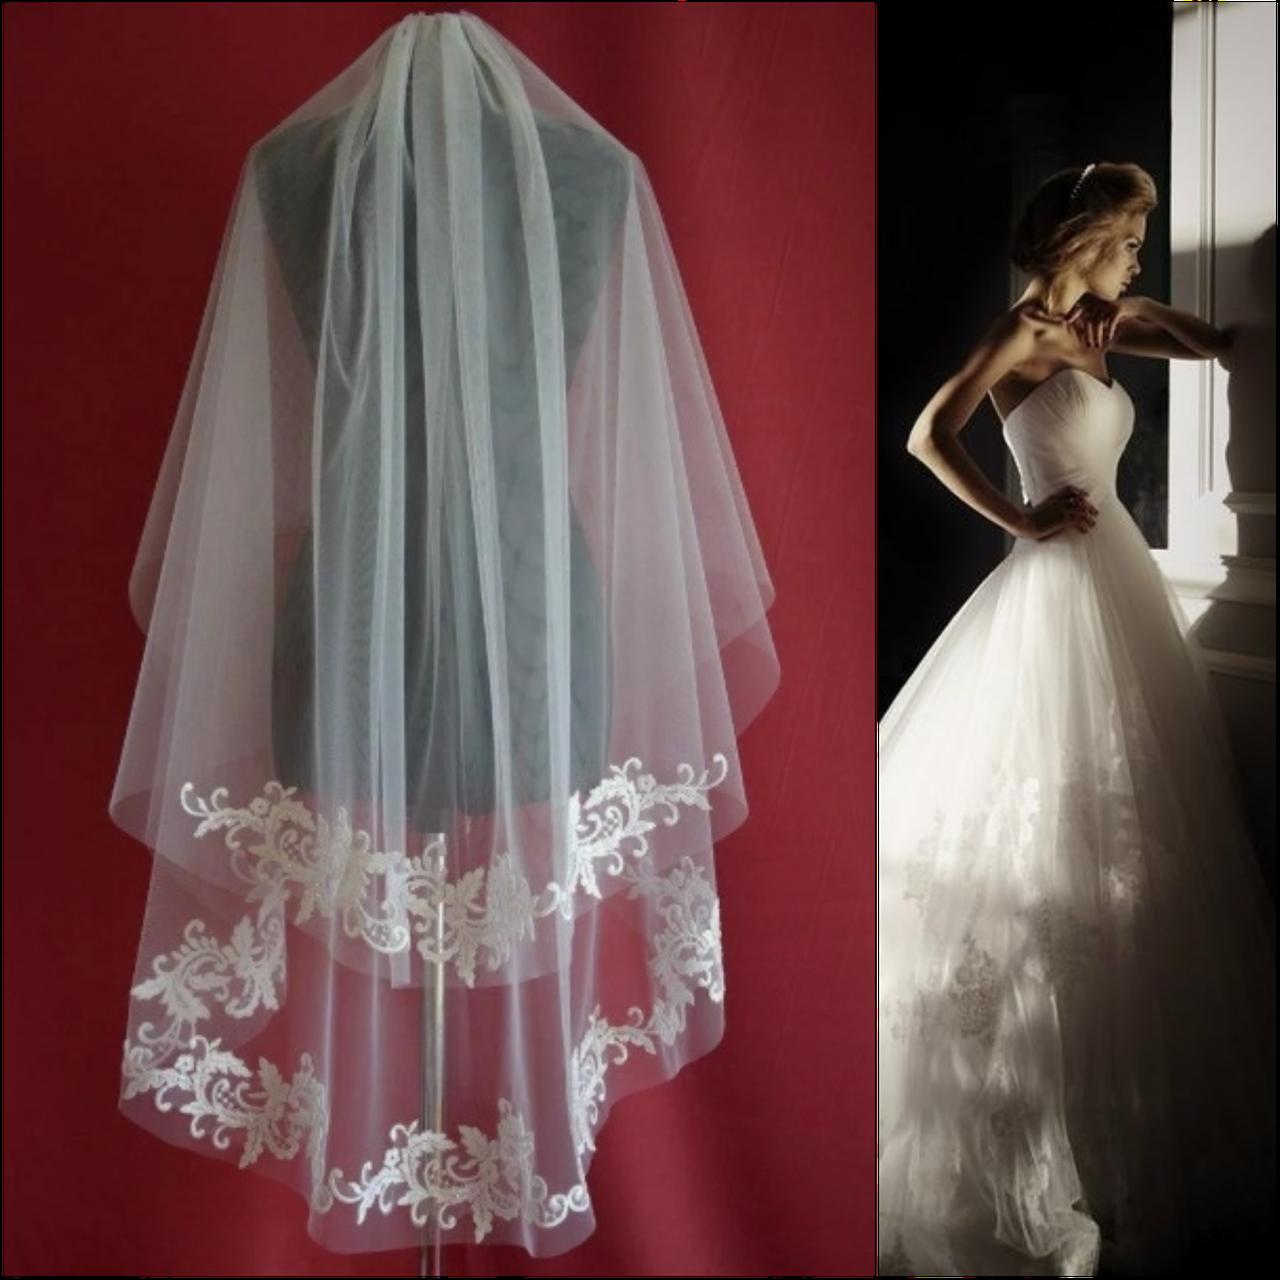 Вау! Двухъярусная удлиненная свадебная Фата апликация с пайетками SF для Невесты Белая/Айвори (sf-258)